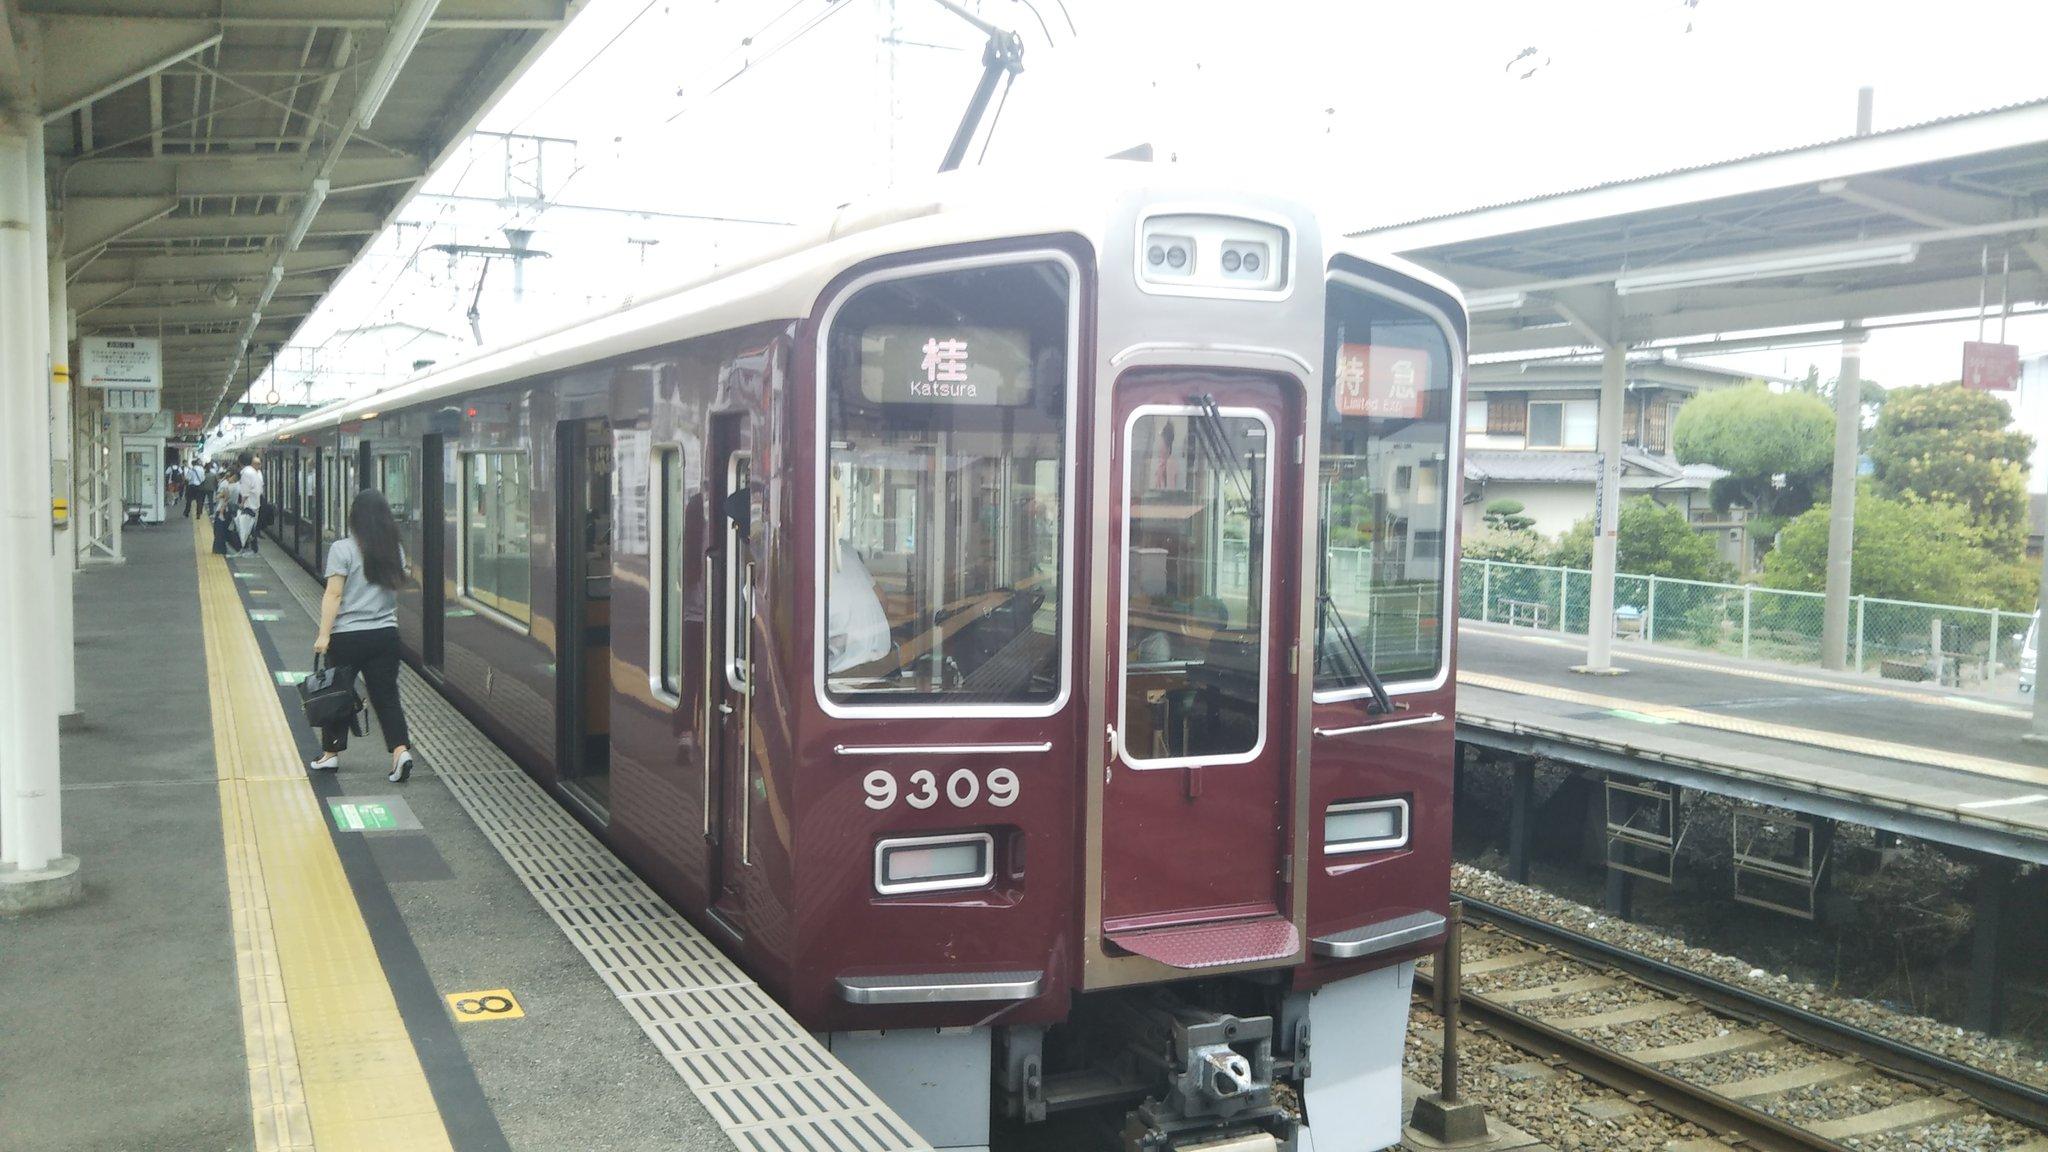 阪急京都線の大宮駅の人身事故で電車が止まっている画像